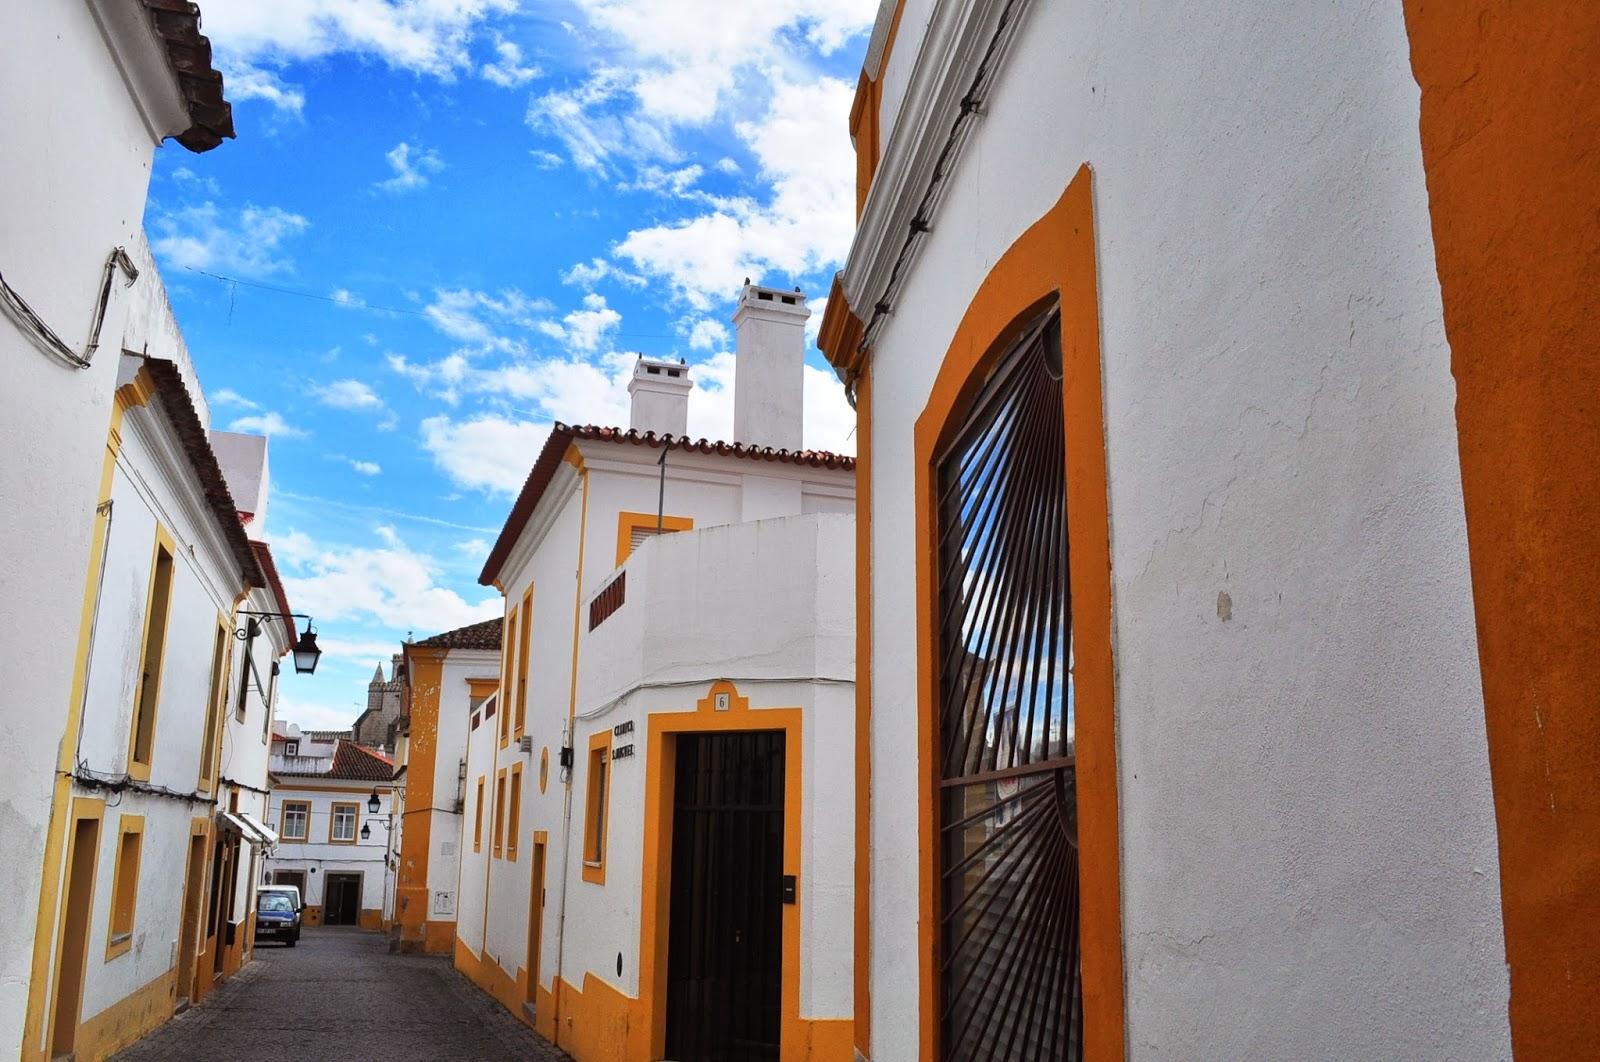 В Евора следите, оставени от маврите се преплитат със свидетелства от испанското присъствие.